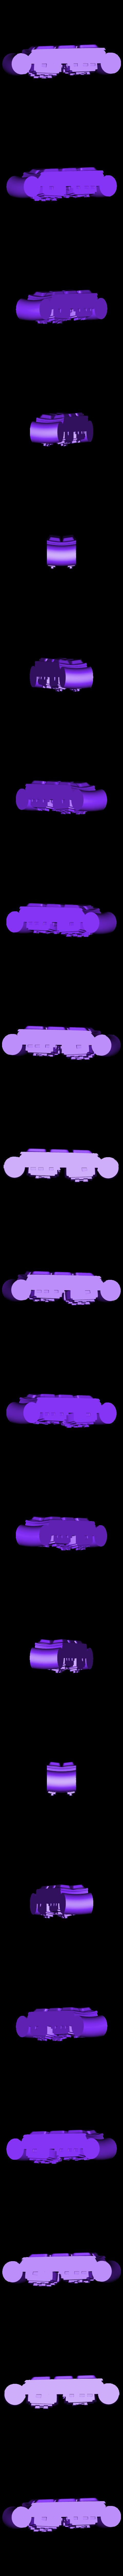 Hex3D_Vader_RearNeck_Part2.stl Descargar archivo STL Darth Vader - Casco de Revelación 3D para Imprimir • Diseño para imprimir en 3D, Geoffro